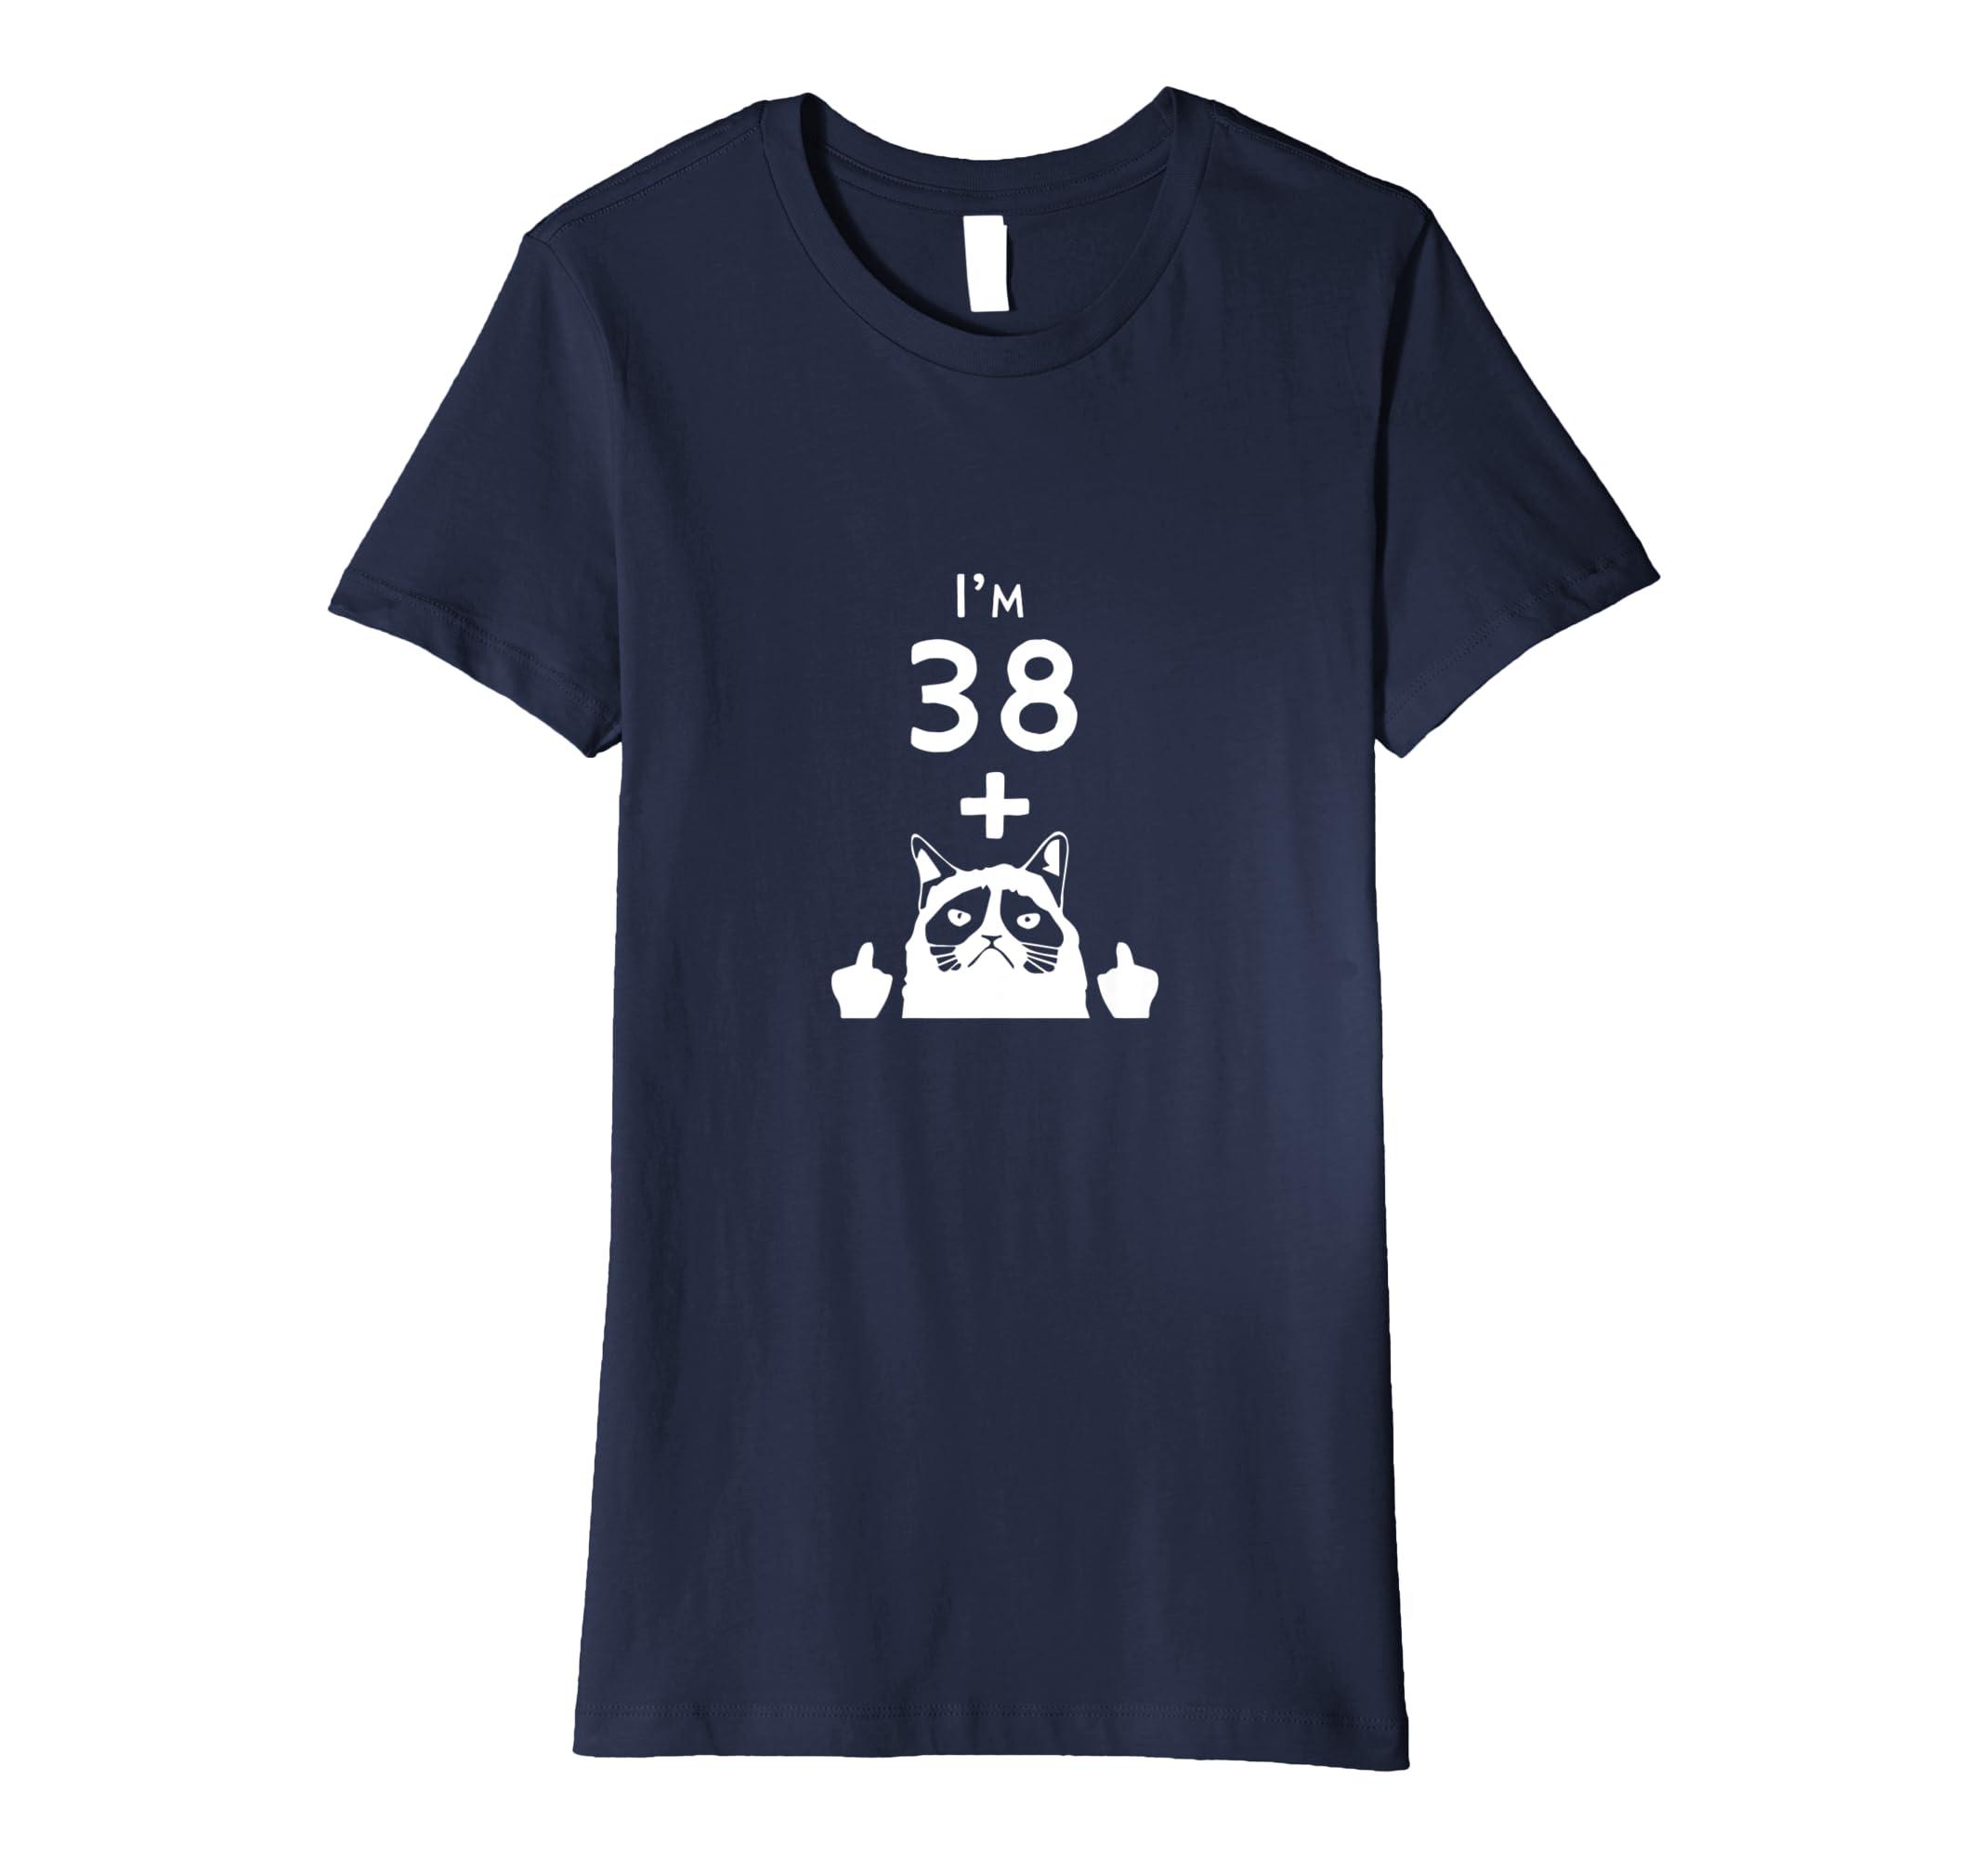 531f1445 Amazon.com: Funny 40th Birthday Gift Cat Joke T-Shirt: Clothing